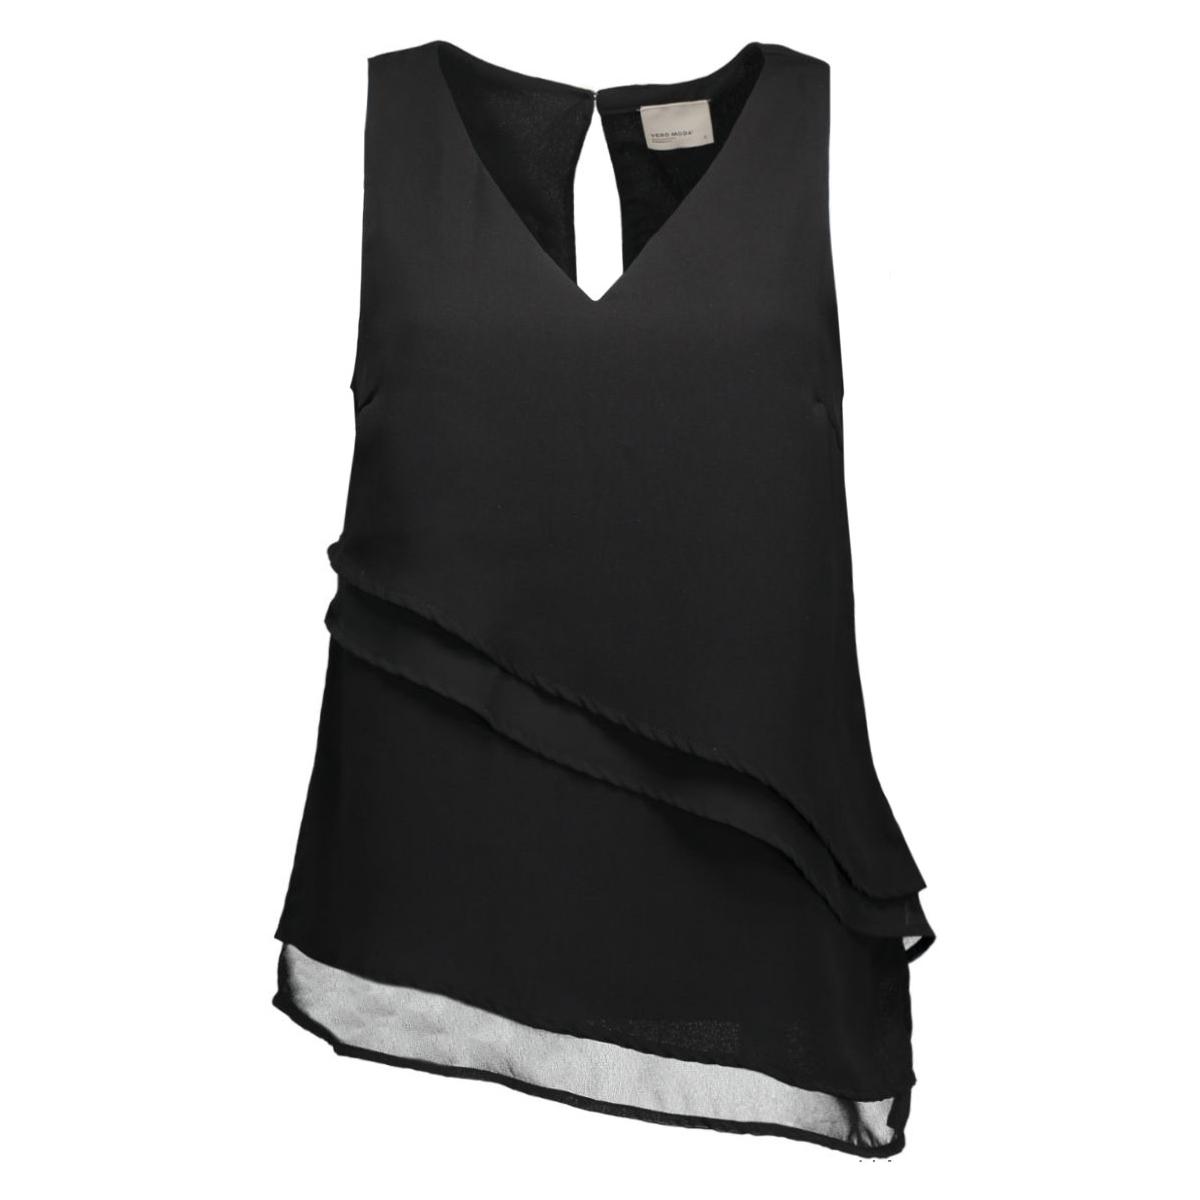 vmalicia s/l midi top e10 10168612 vero moda top black/black